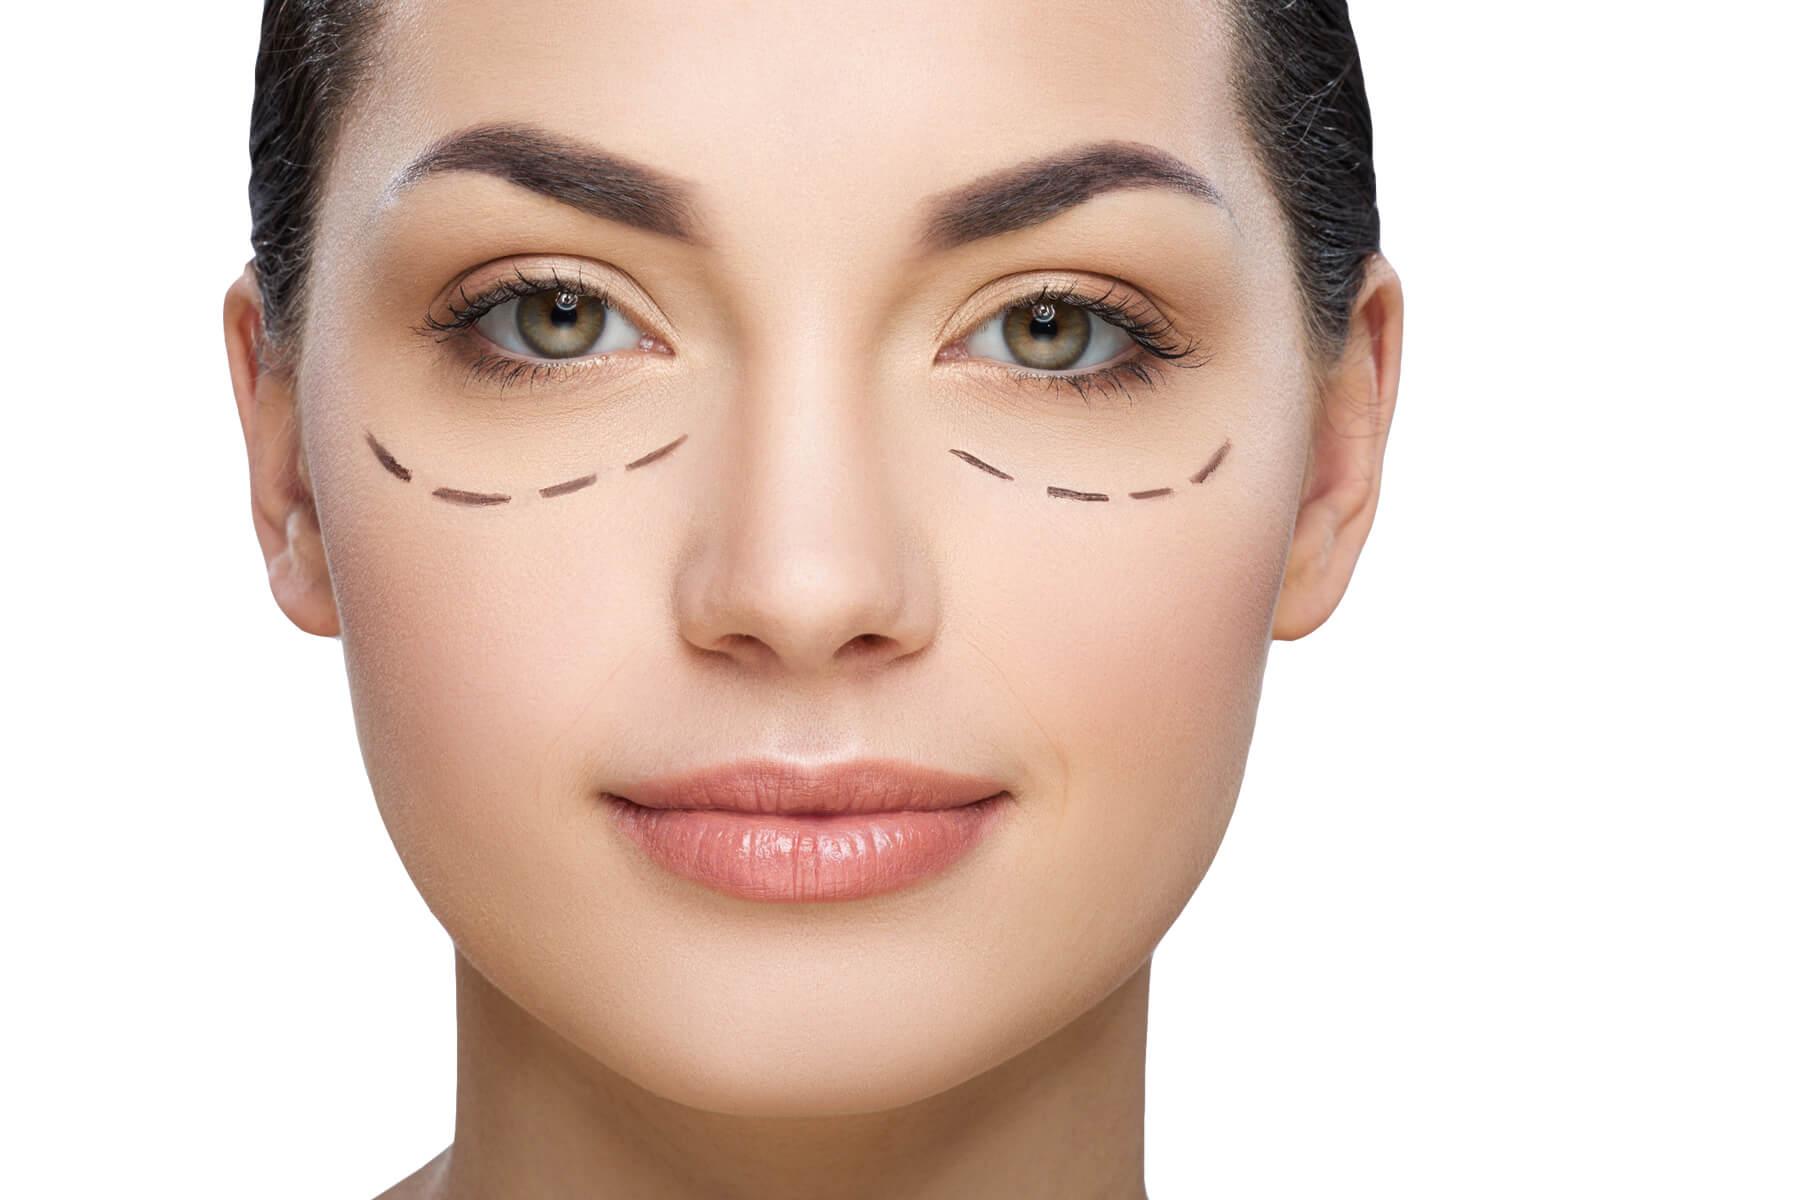 Eliminar las bolsas debajo de los ojos sin cirugía